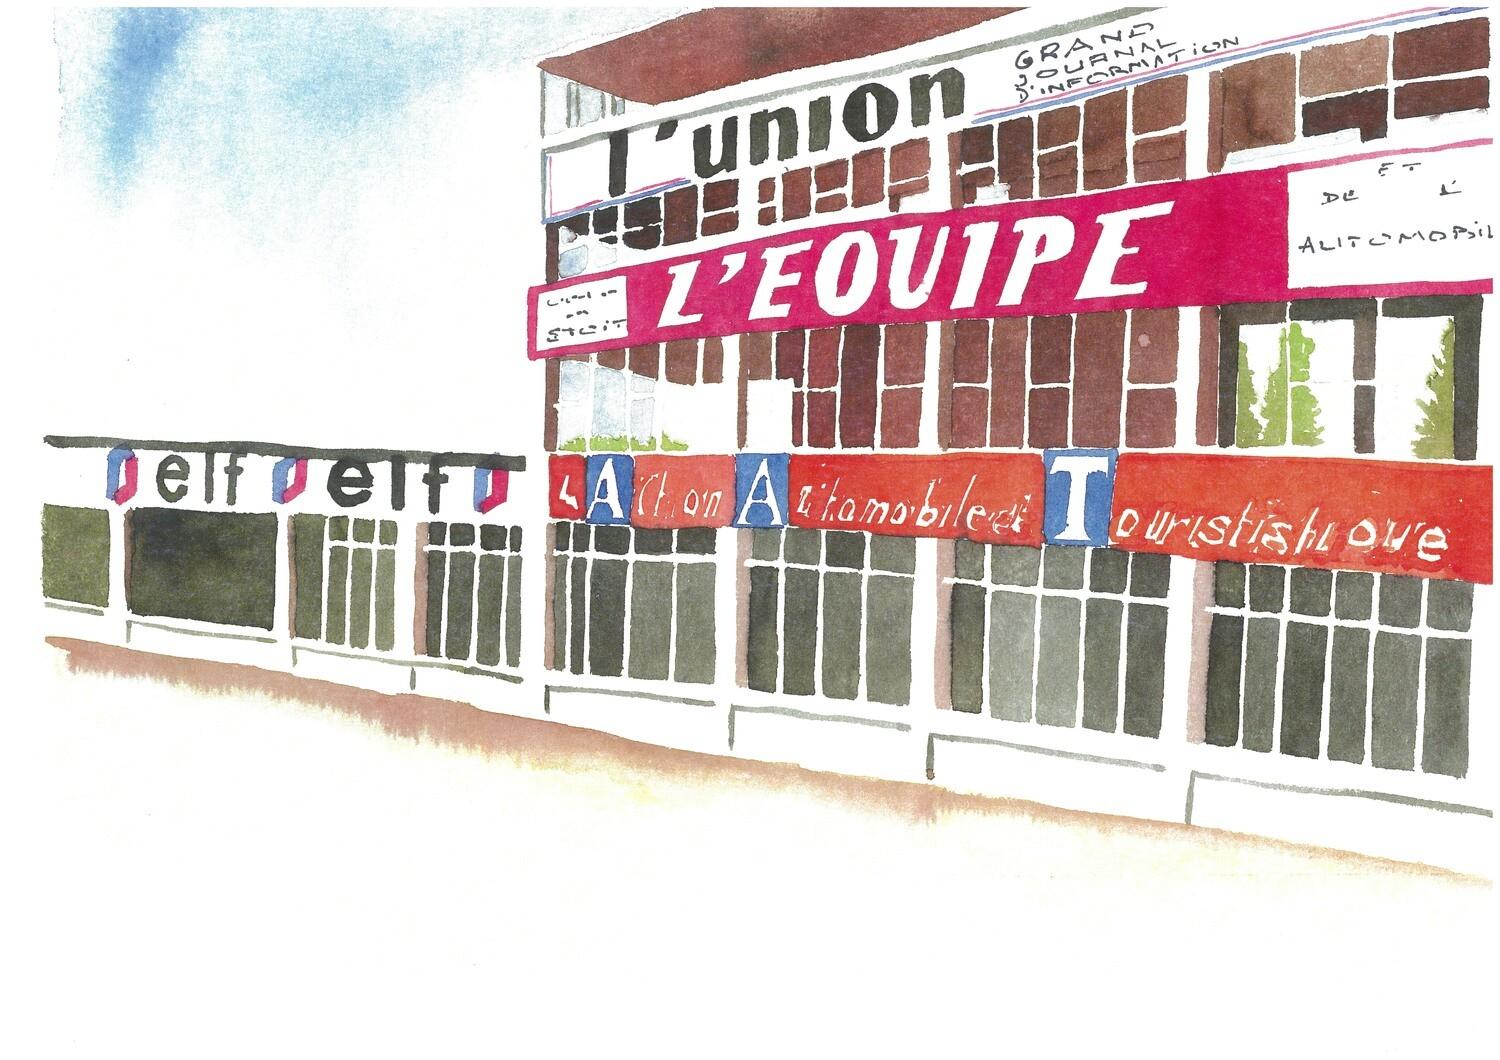 Le circuit de Reims-Gueux-Paddock